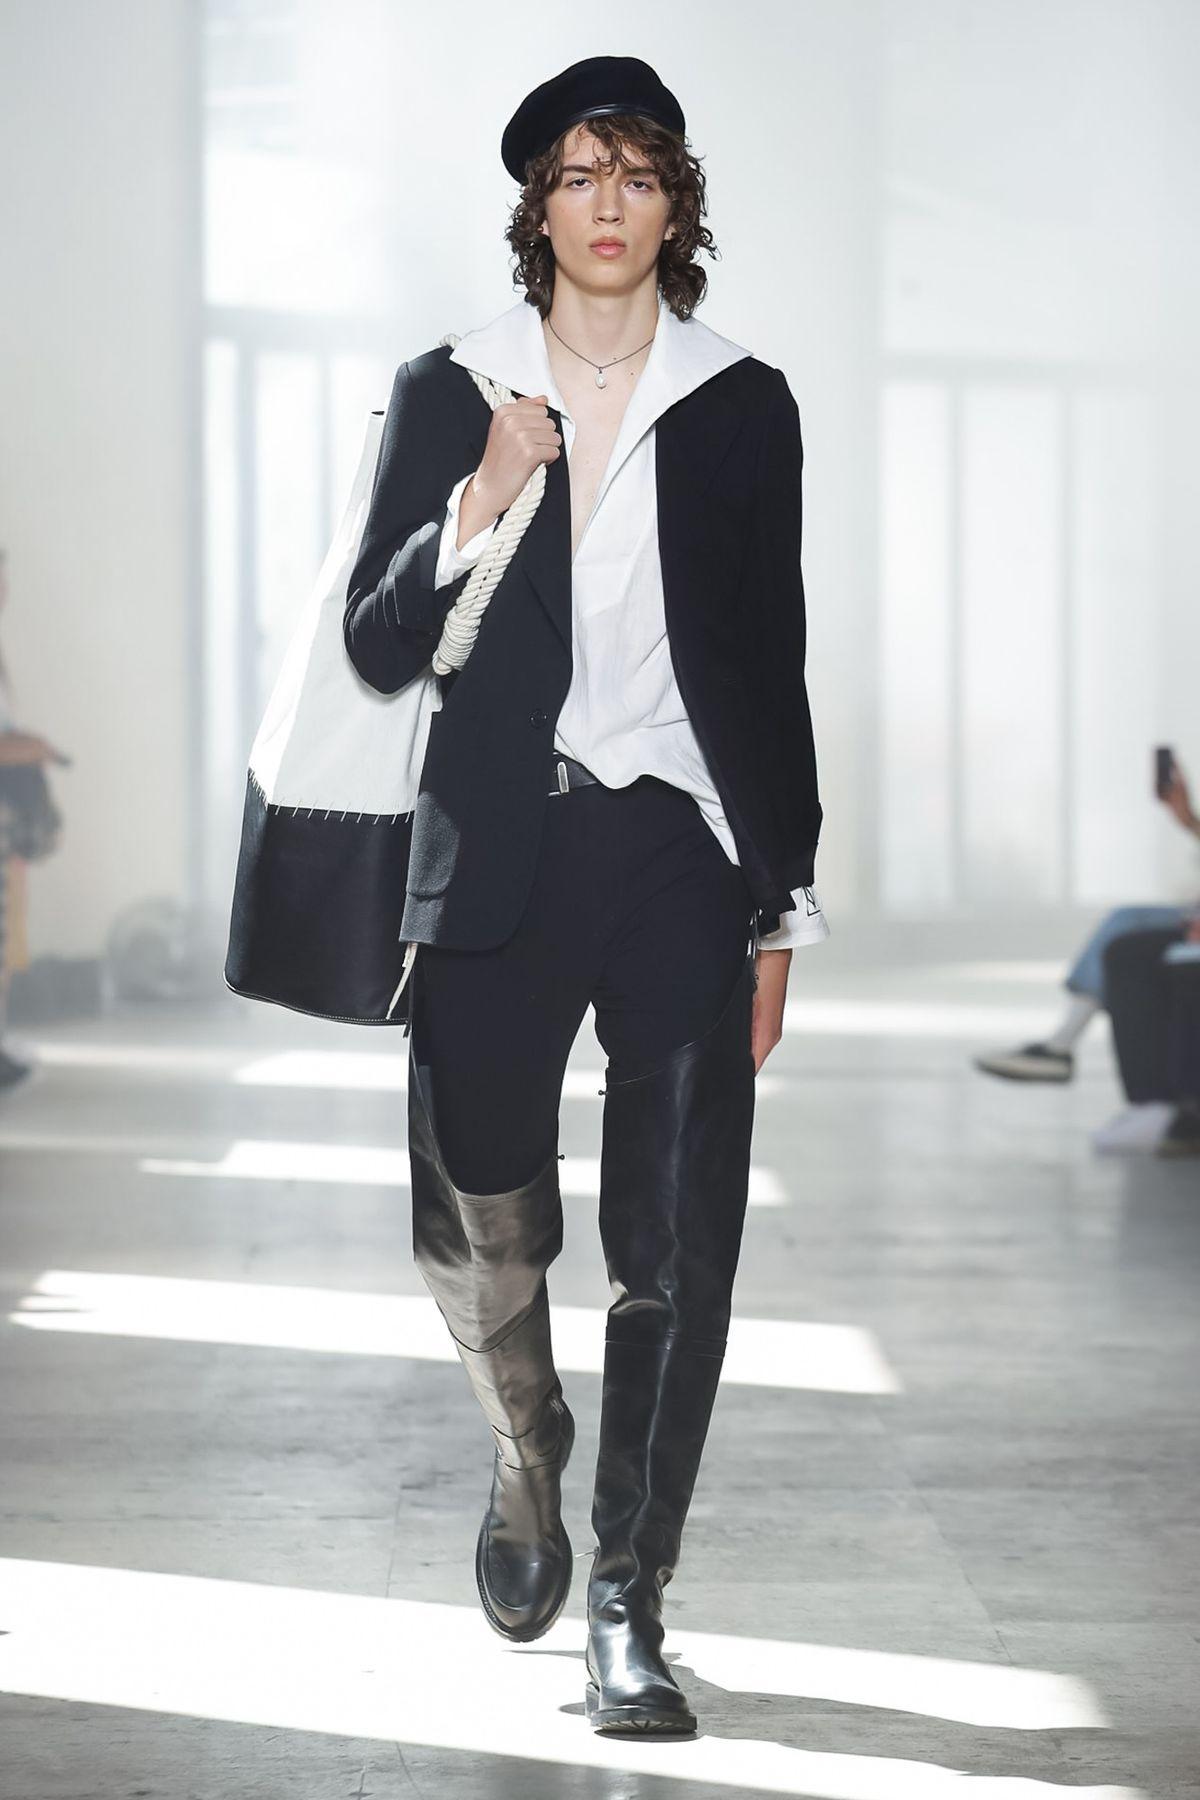 Ann_Demeulemeester_runway_ss20_look_1.jpg